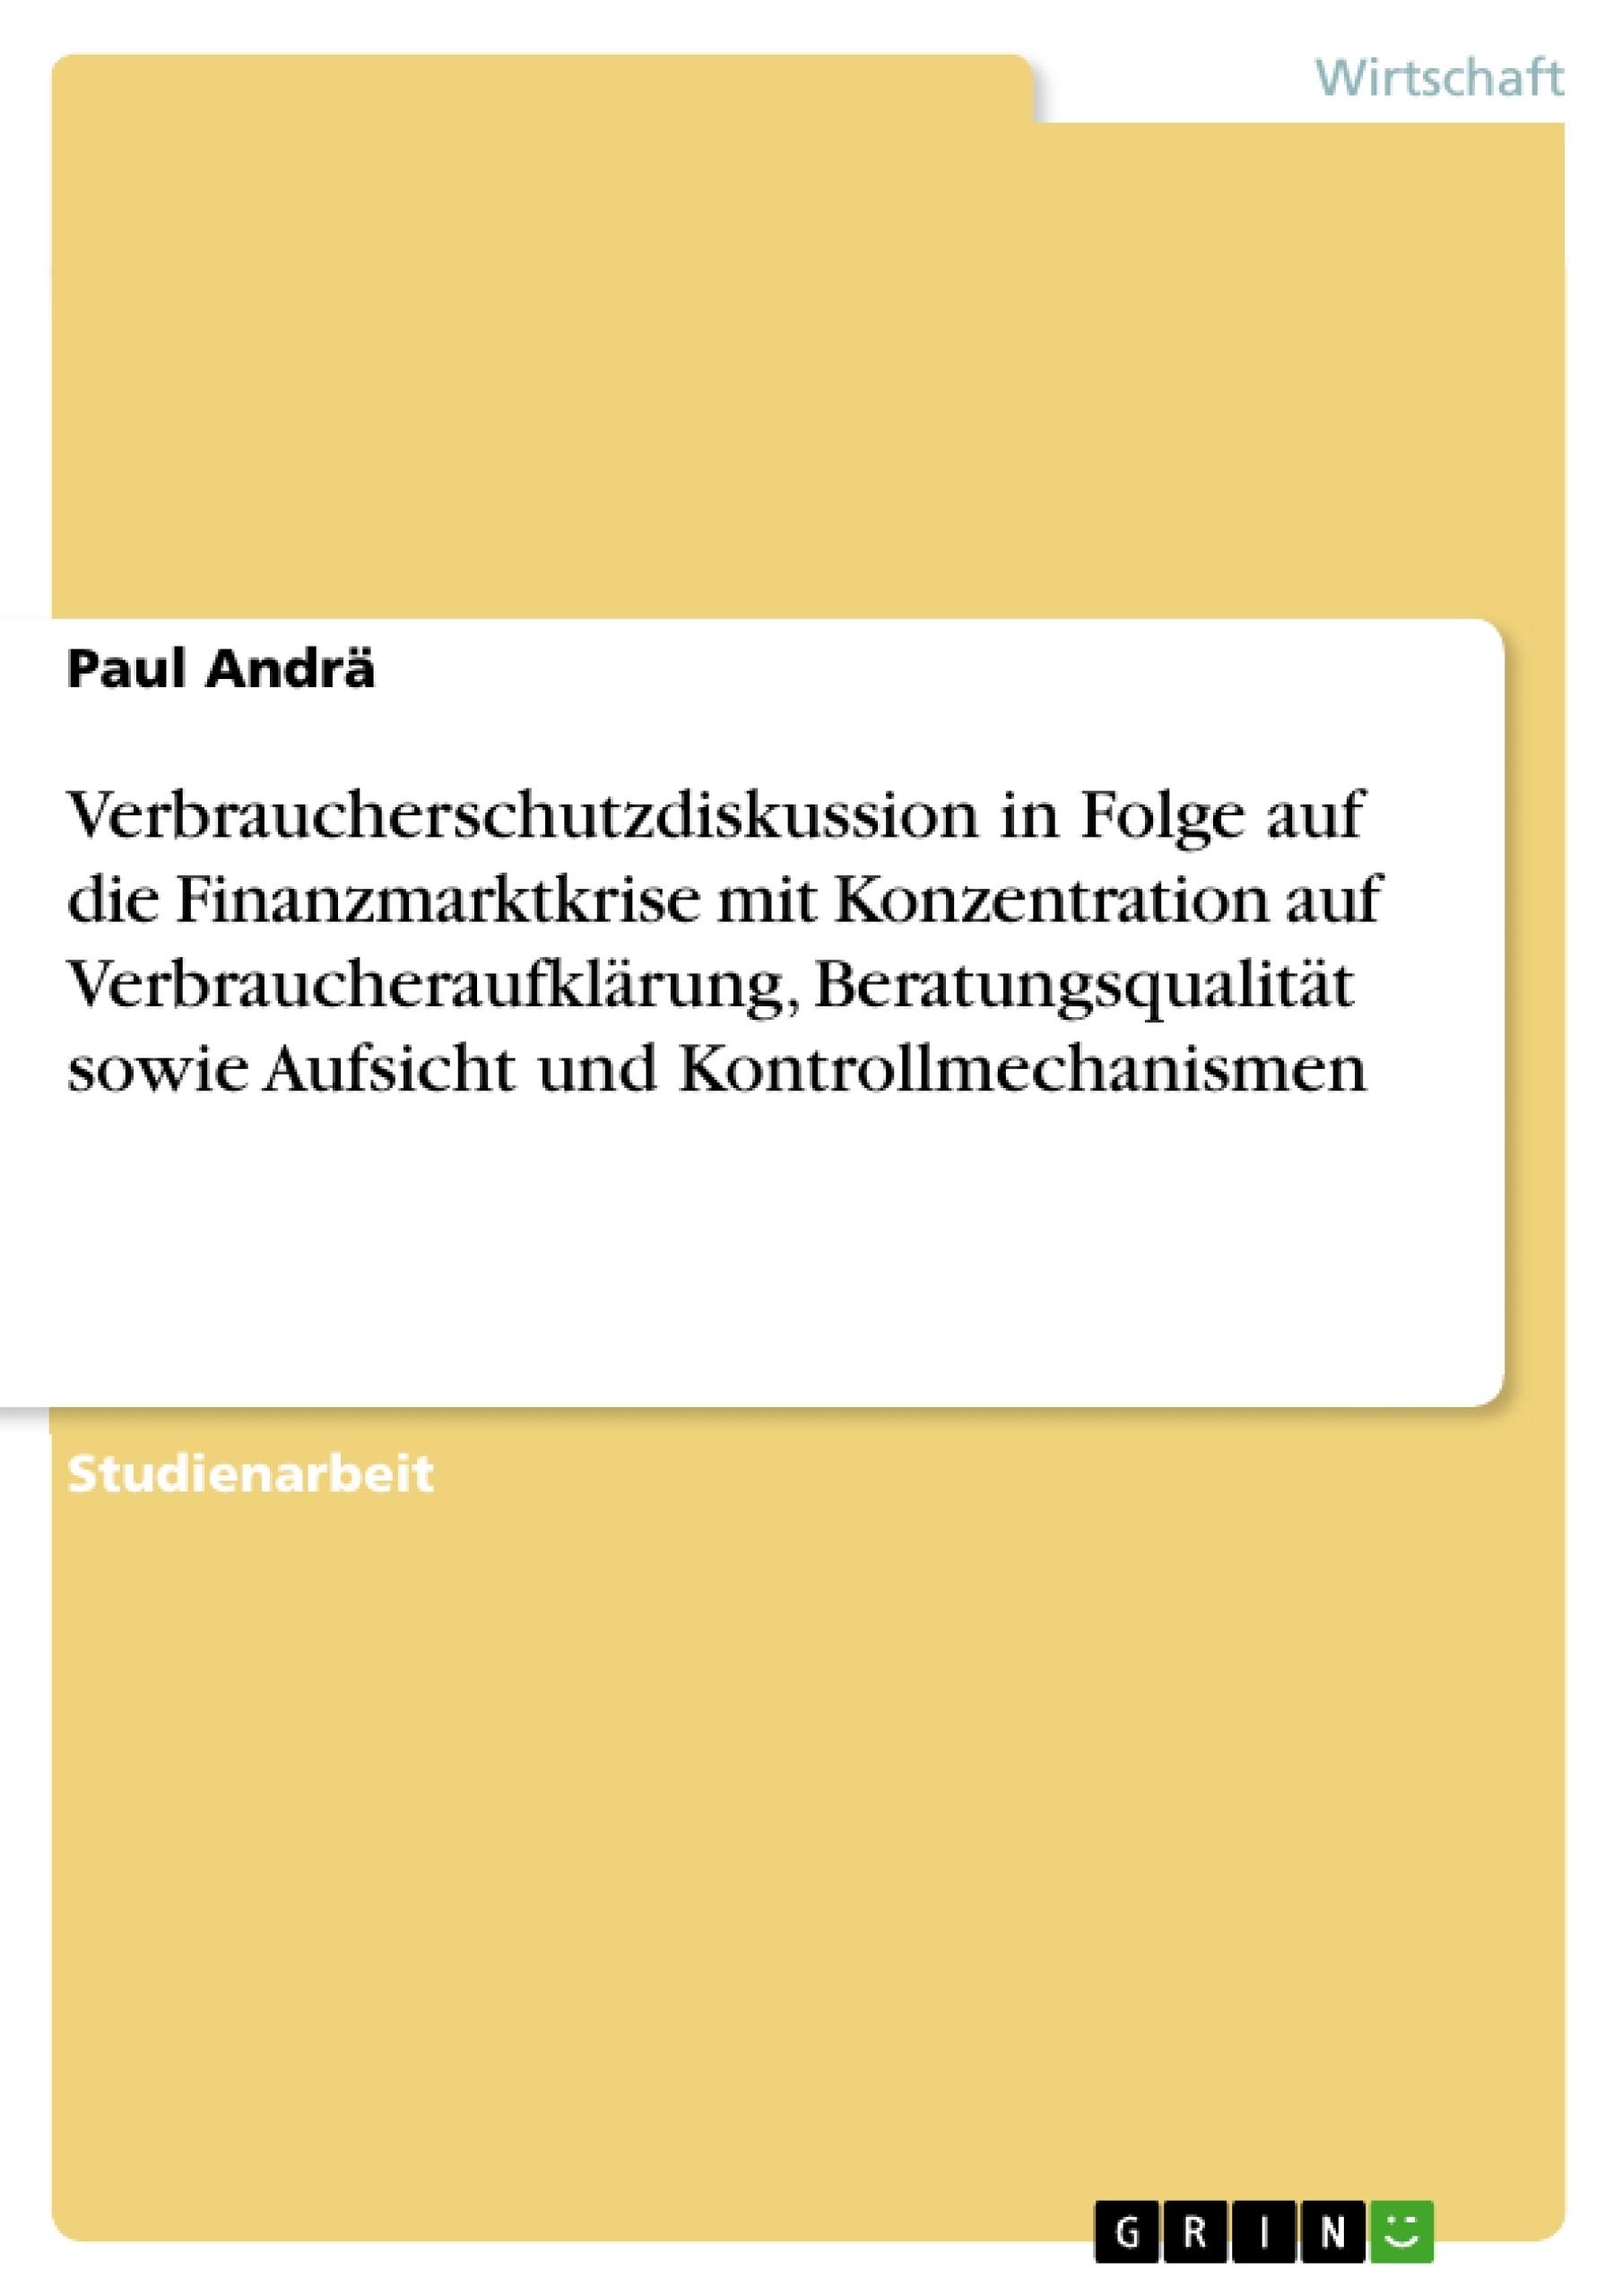 Titel: Verbraucherschutzdiskussion in Folge auf die Finanzmarktkrise mit Konzentration auf Verbraucheraufklärung, Beratungsqualität sowie Aufsicht und Kontrollmechanismen